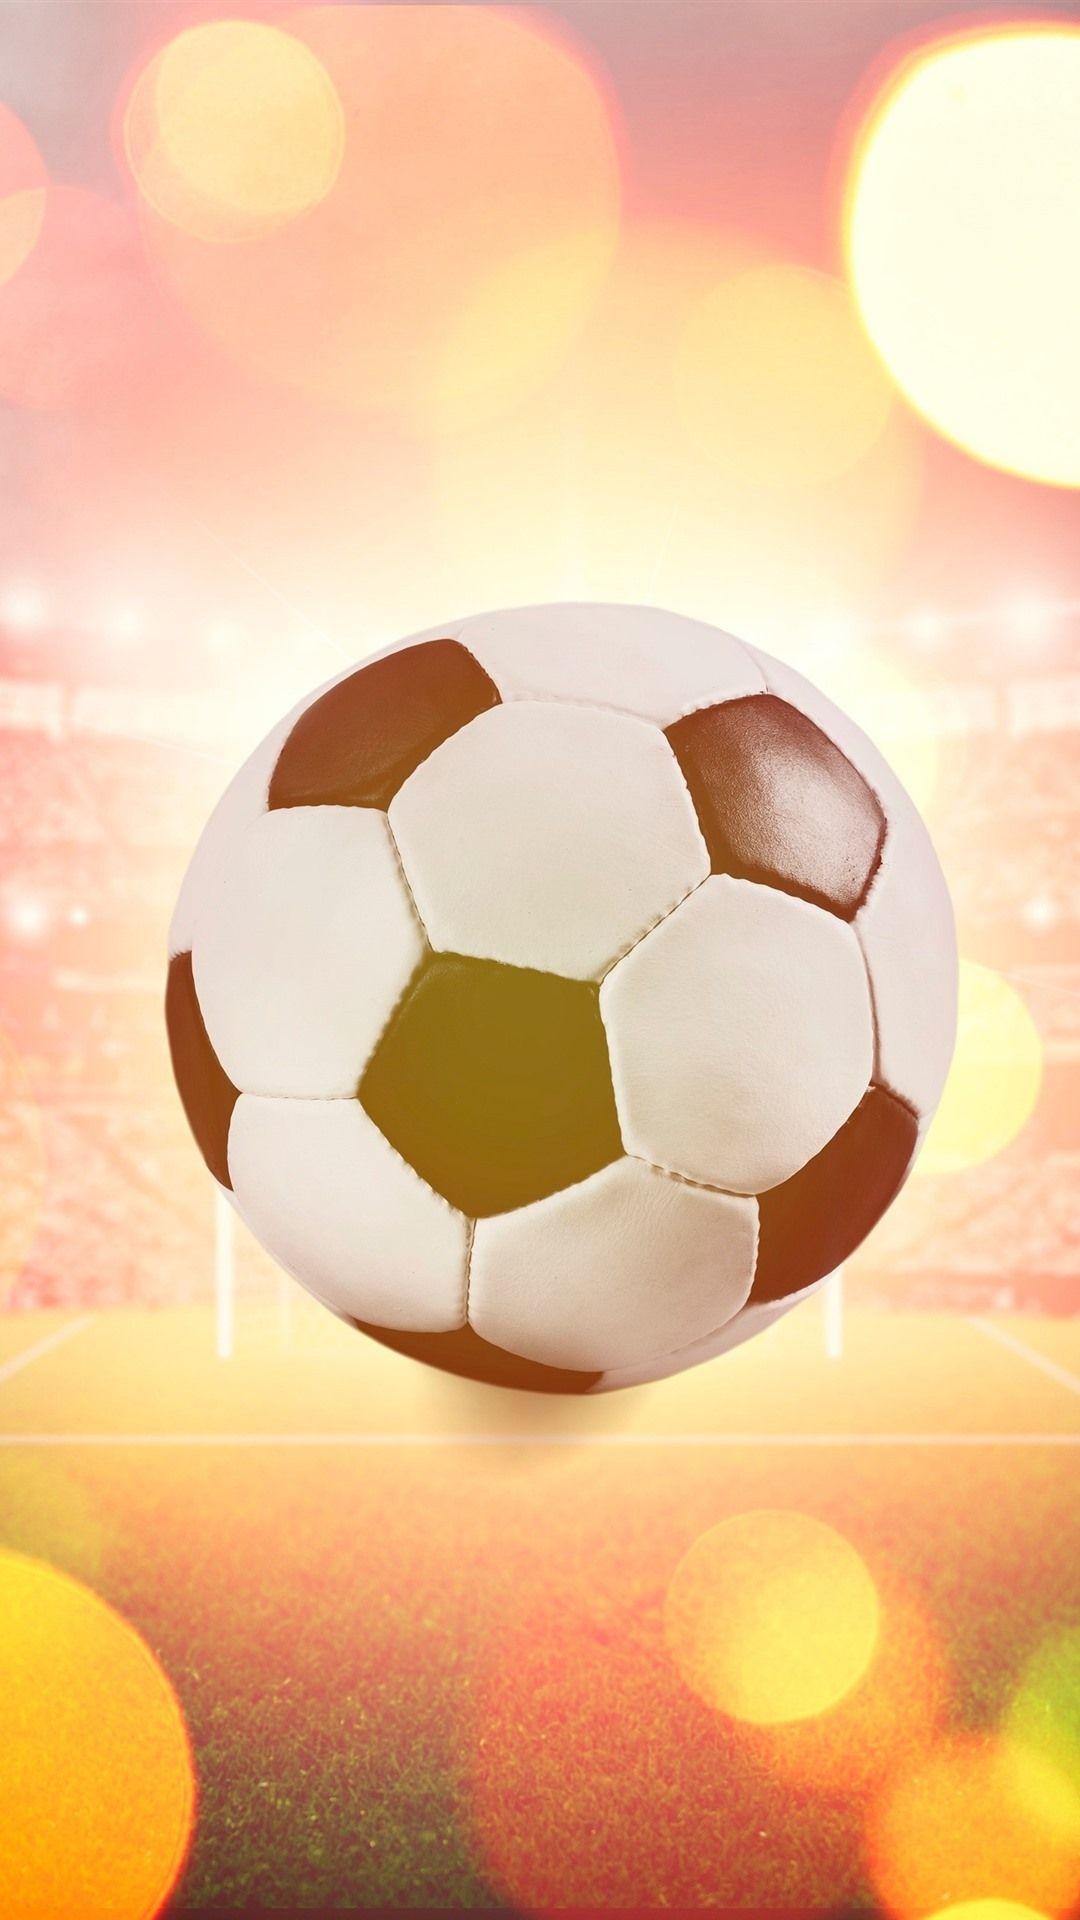 Soccer Girl Iphone Background Soccer Girl Iphone Background Soccer